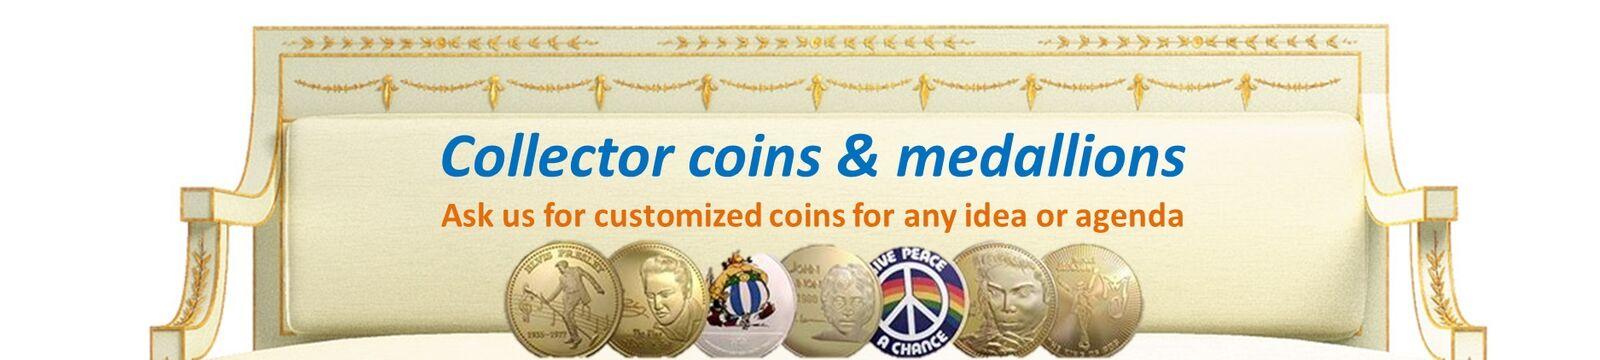 Coin-Treasure